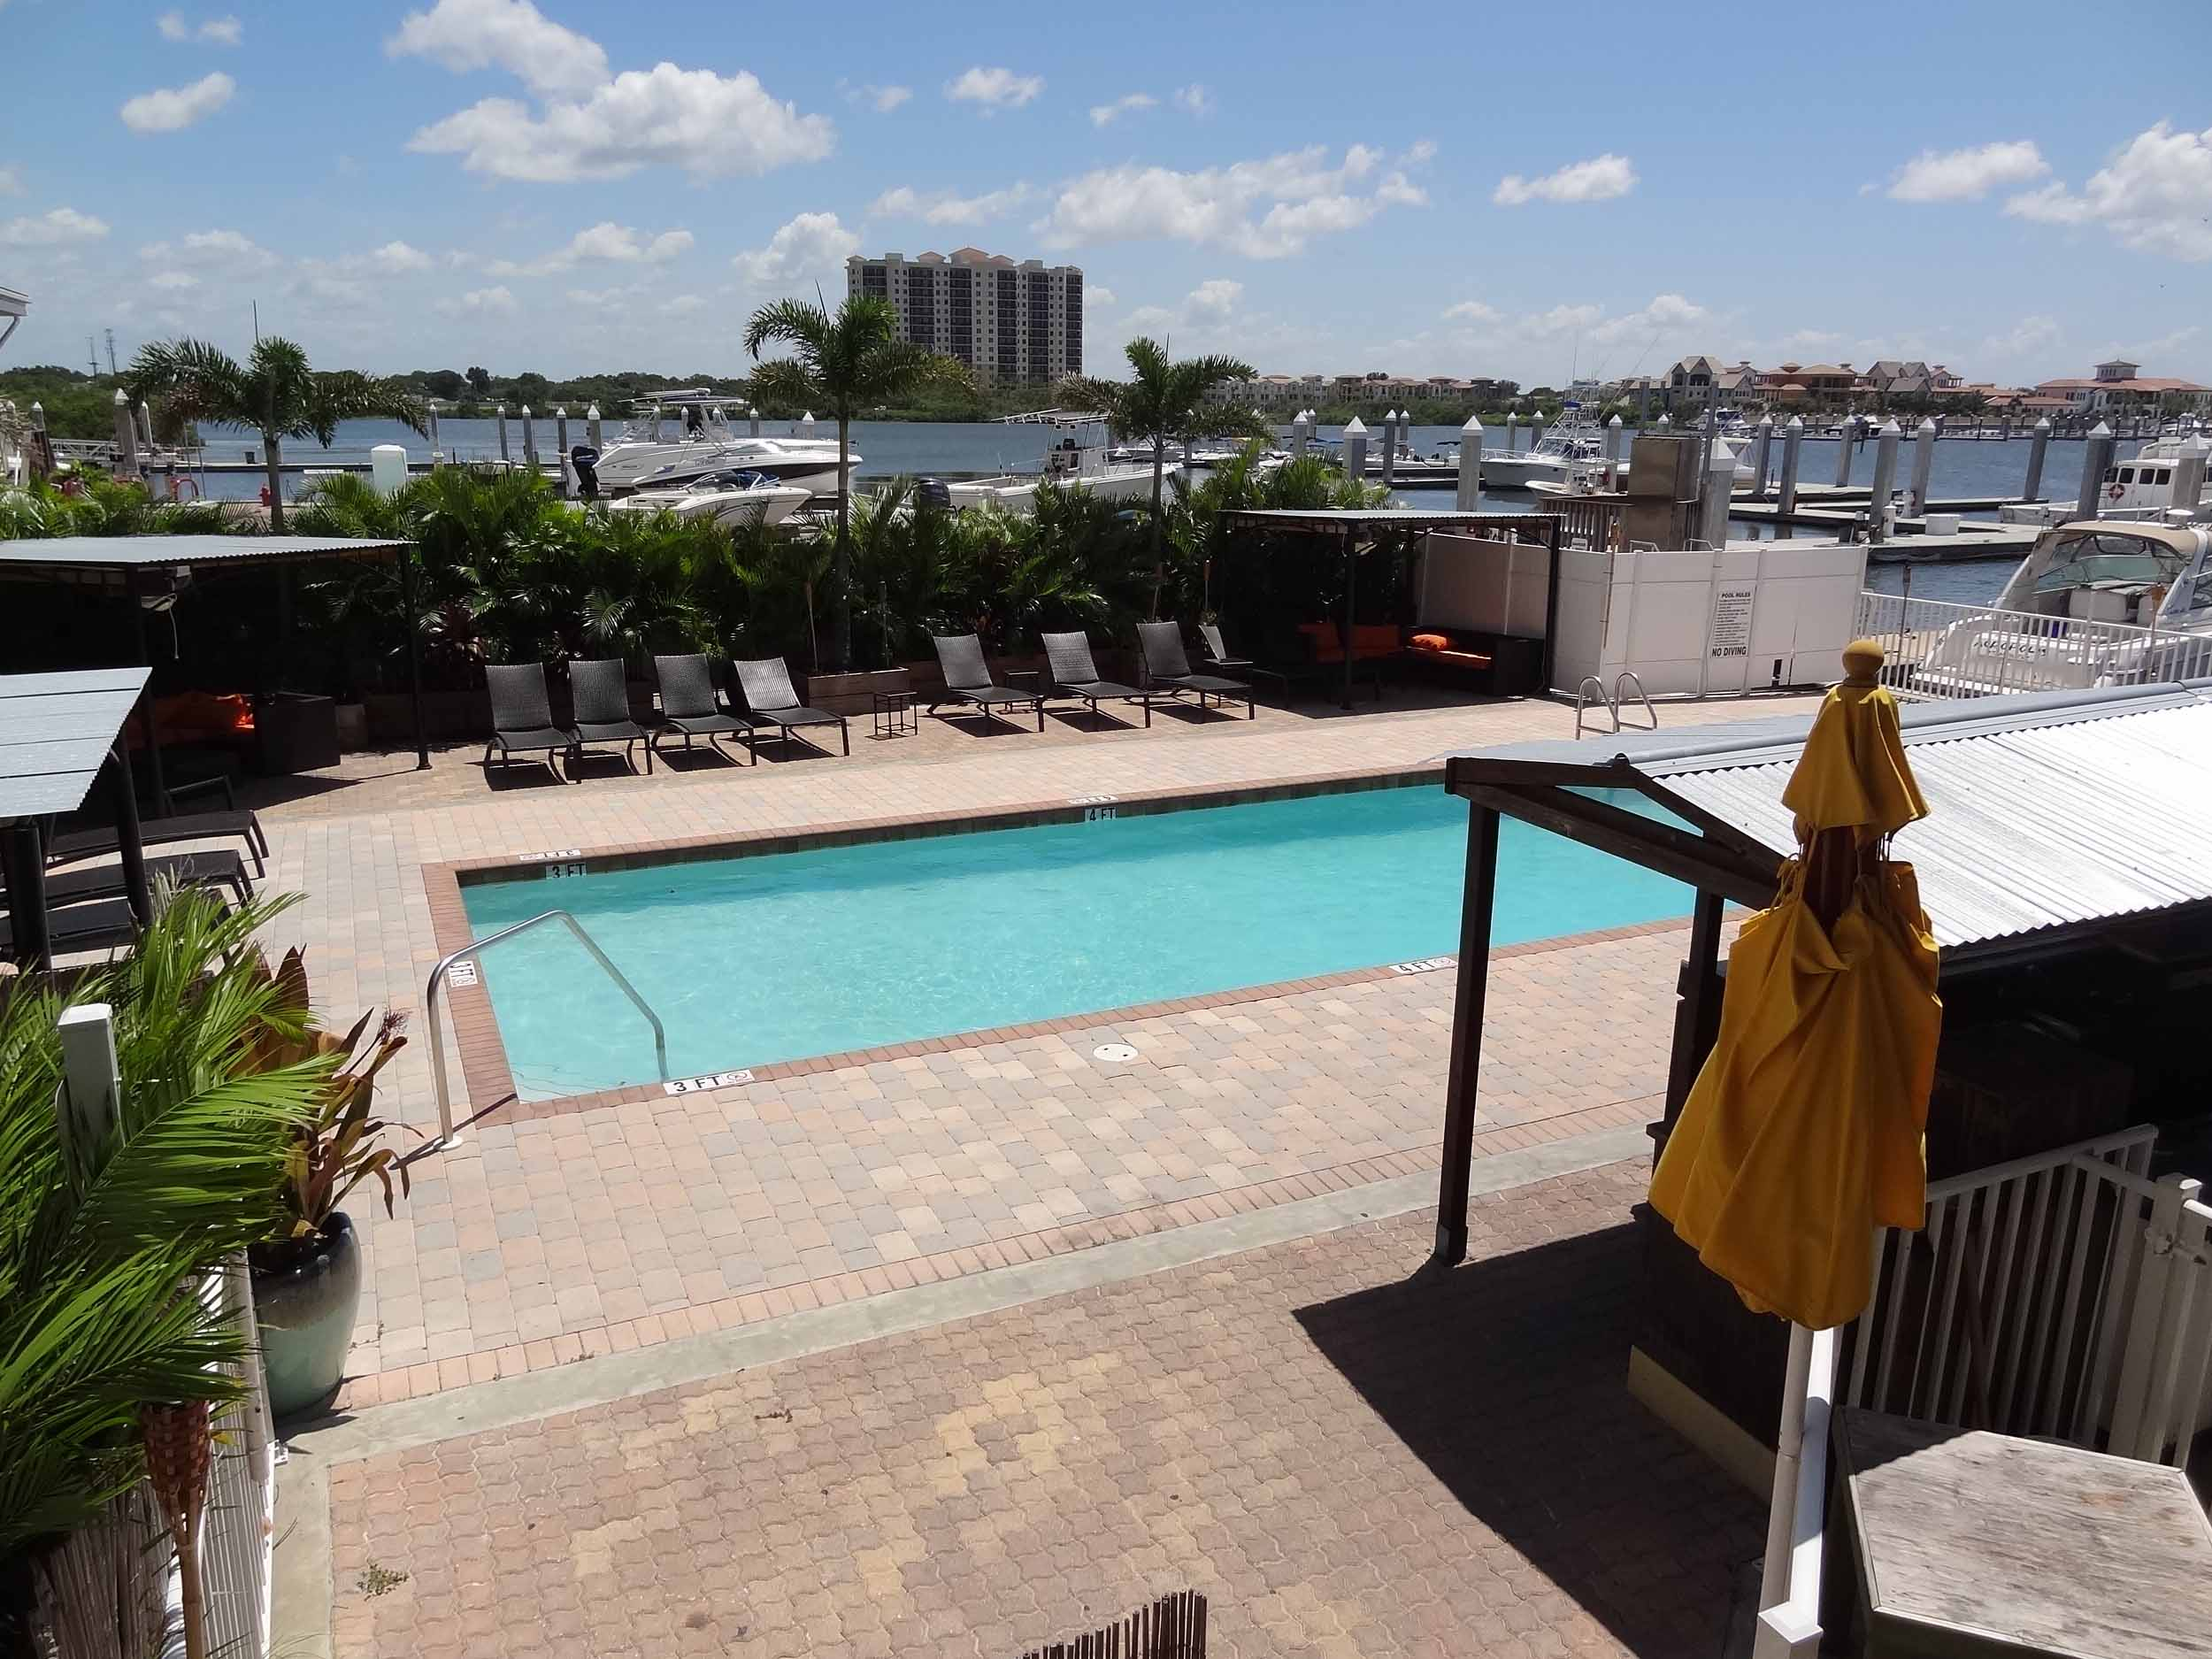 Hula Bay Club and Duke's Retired Surfer's Pool